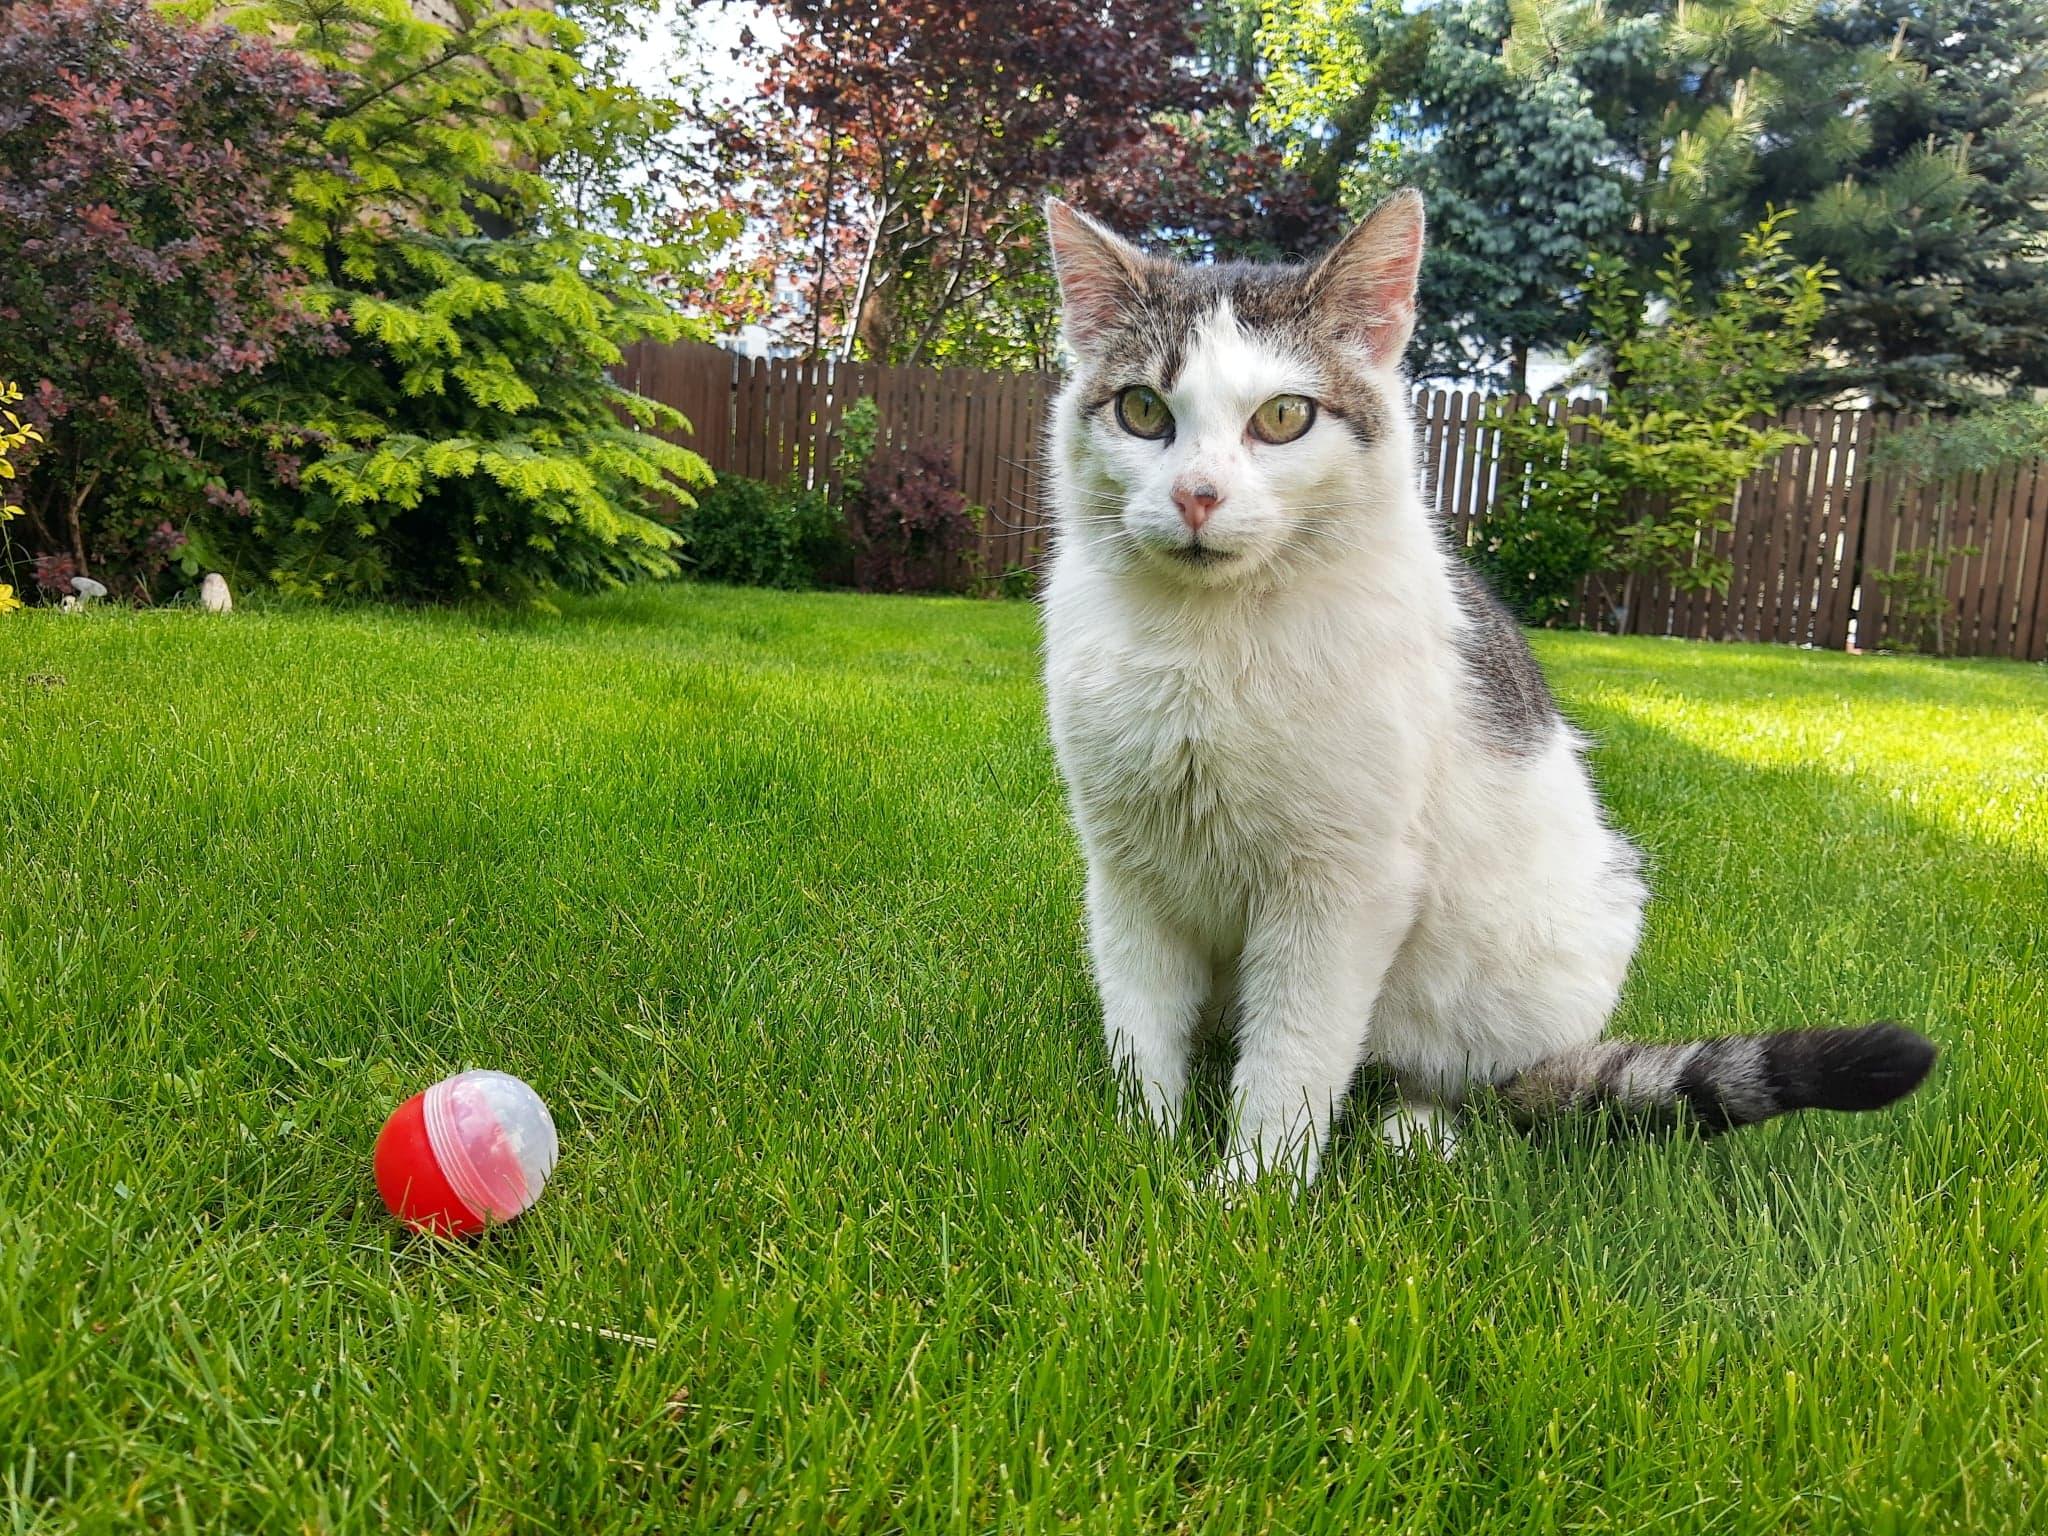 Oglądasz obrazki z tematu: Biało szara kotka znaleziona na ul. Ryskiej